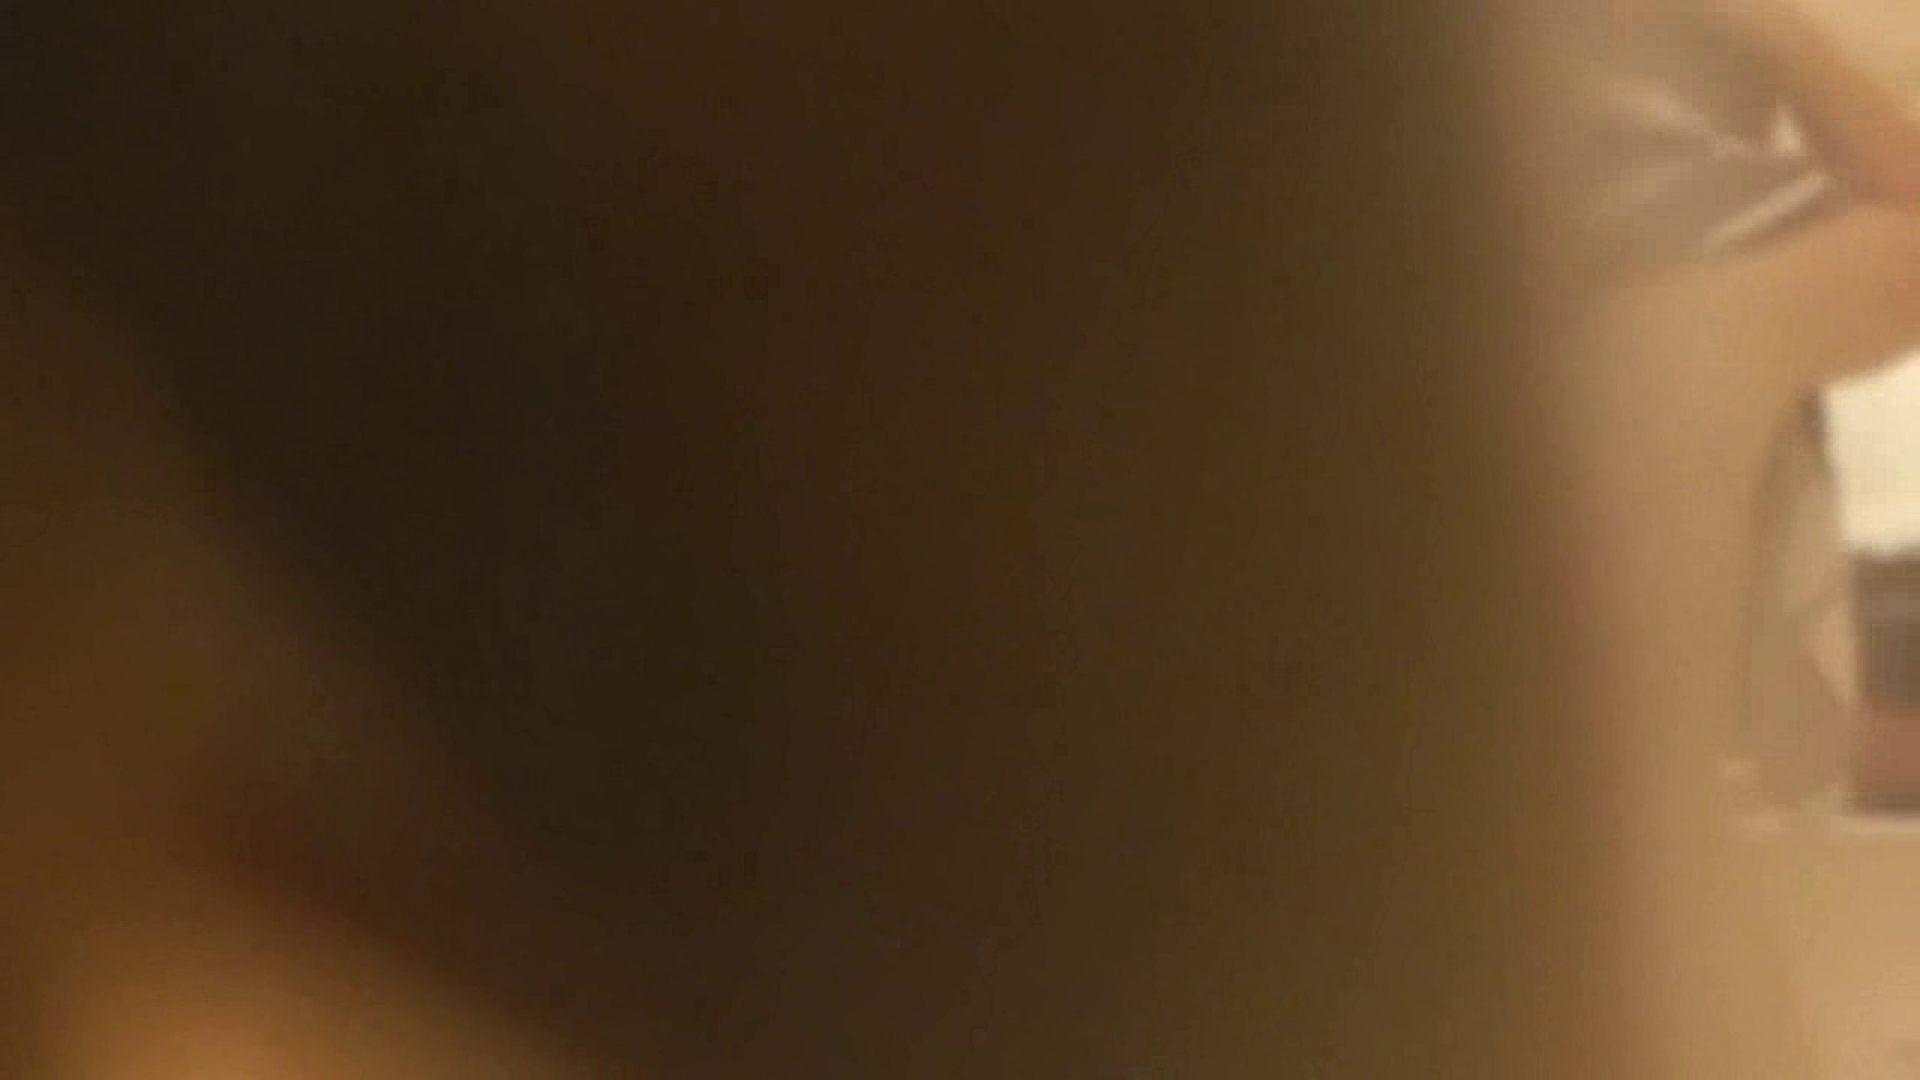 vol.1 Mayumi 窓越しに入浴シーン撮影に成功 OL   入浴シーン  89連発 63